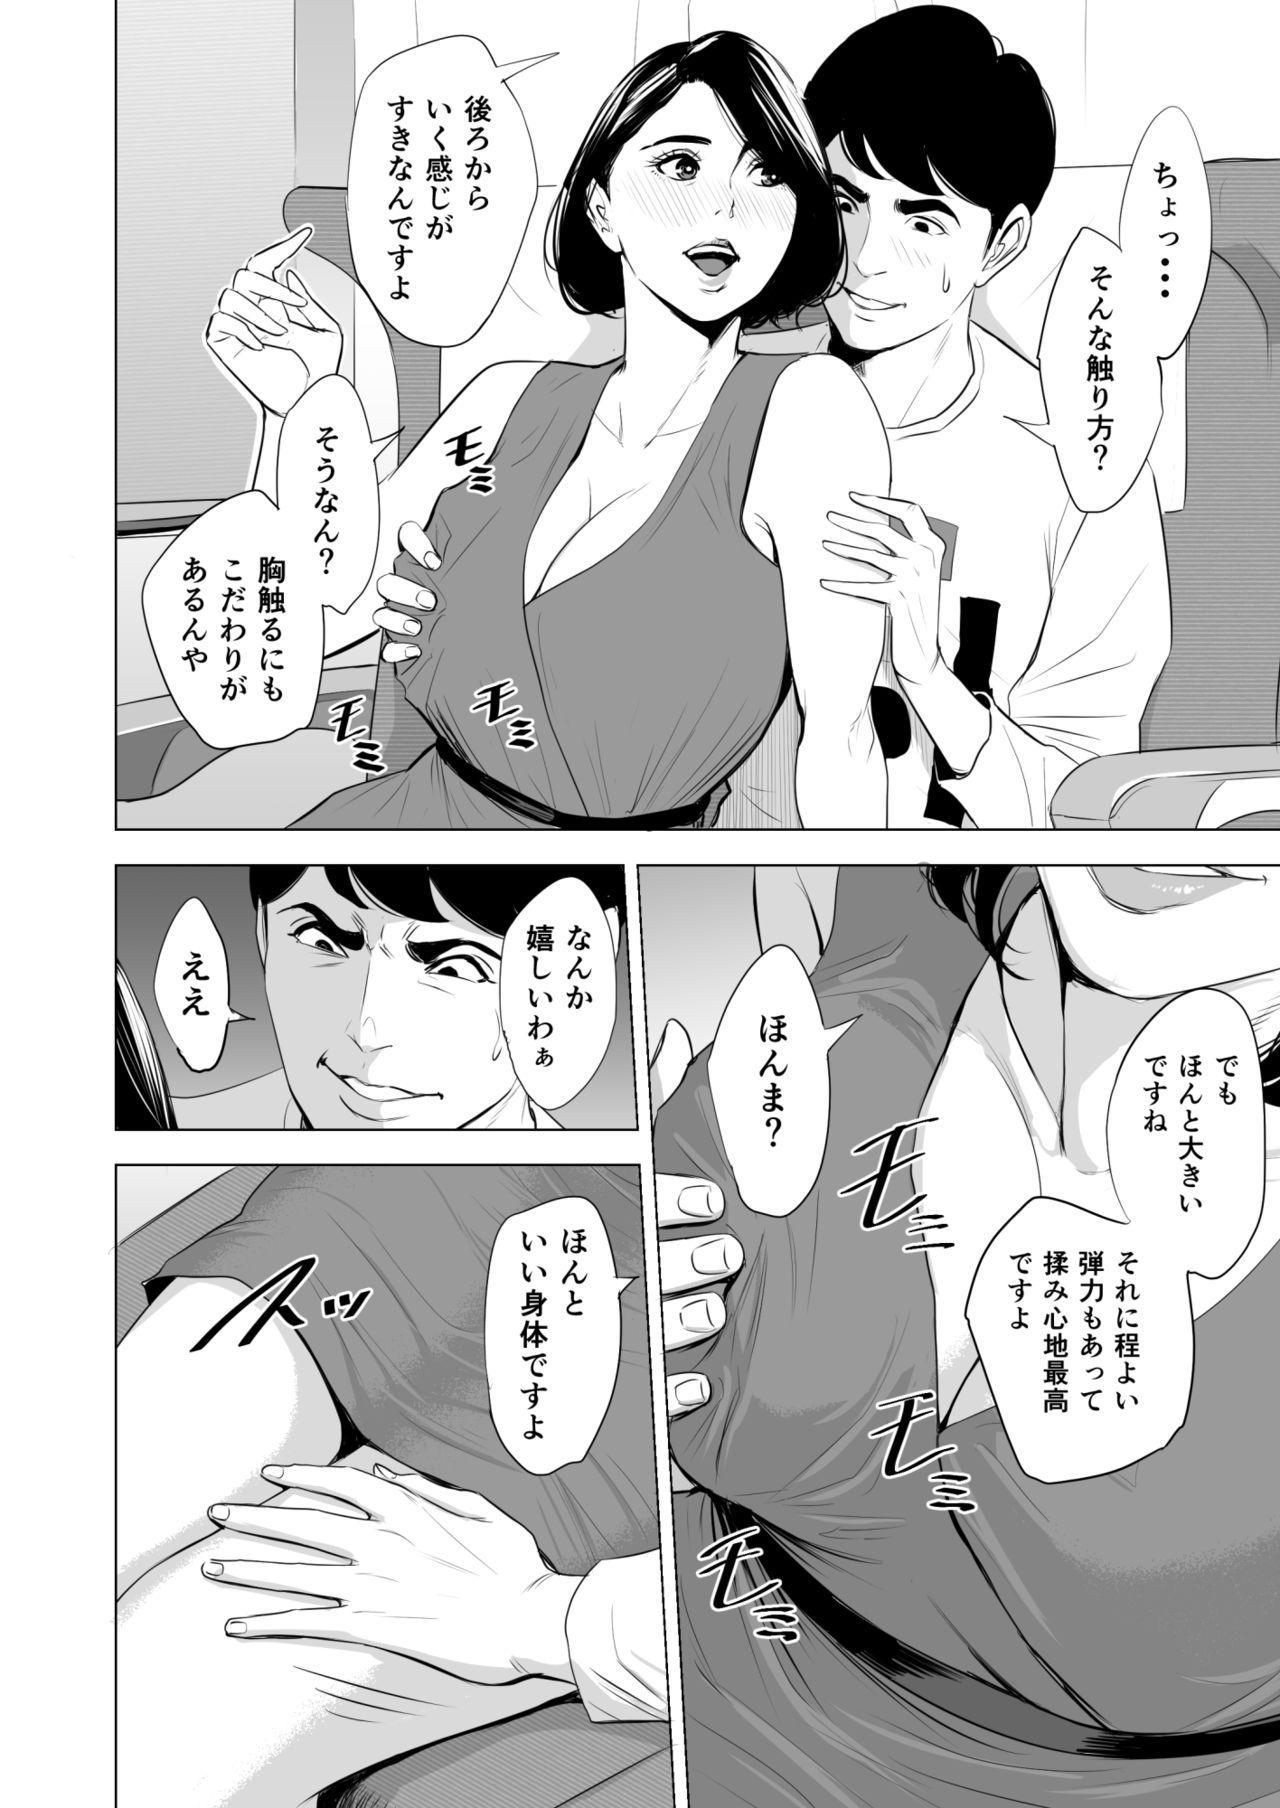 Shinkansen de Nani shiteru!? 21